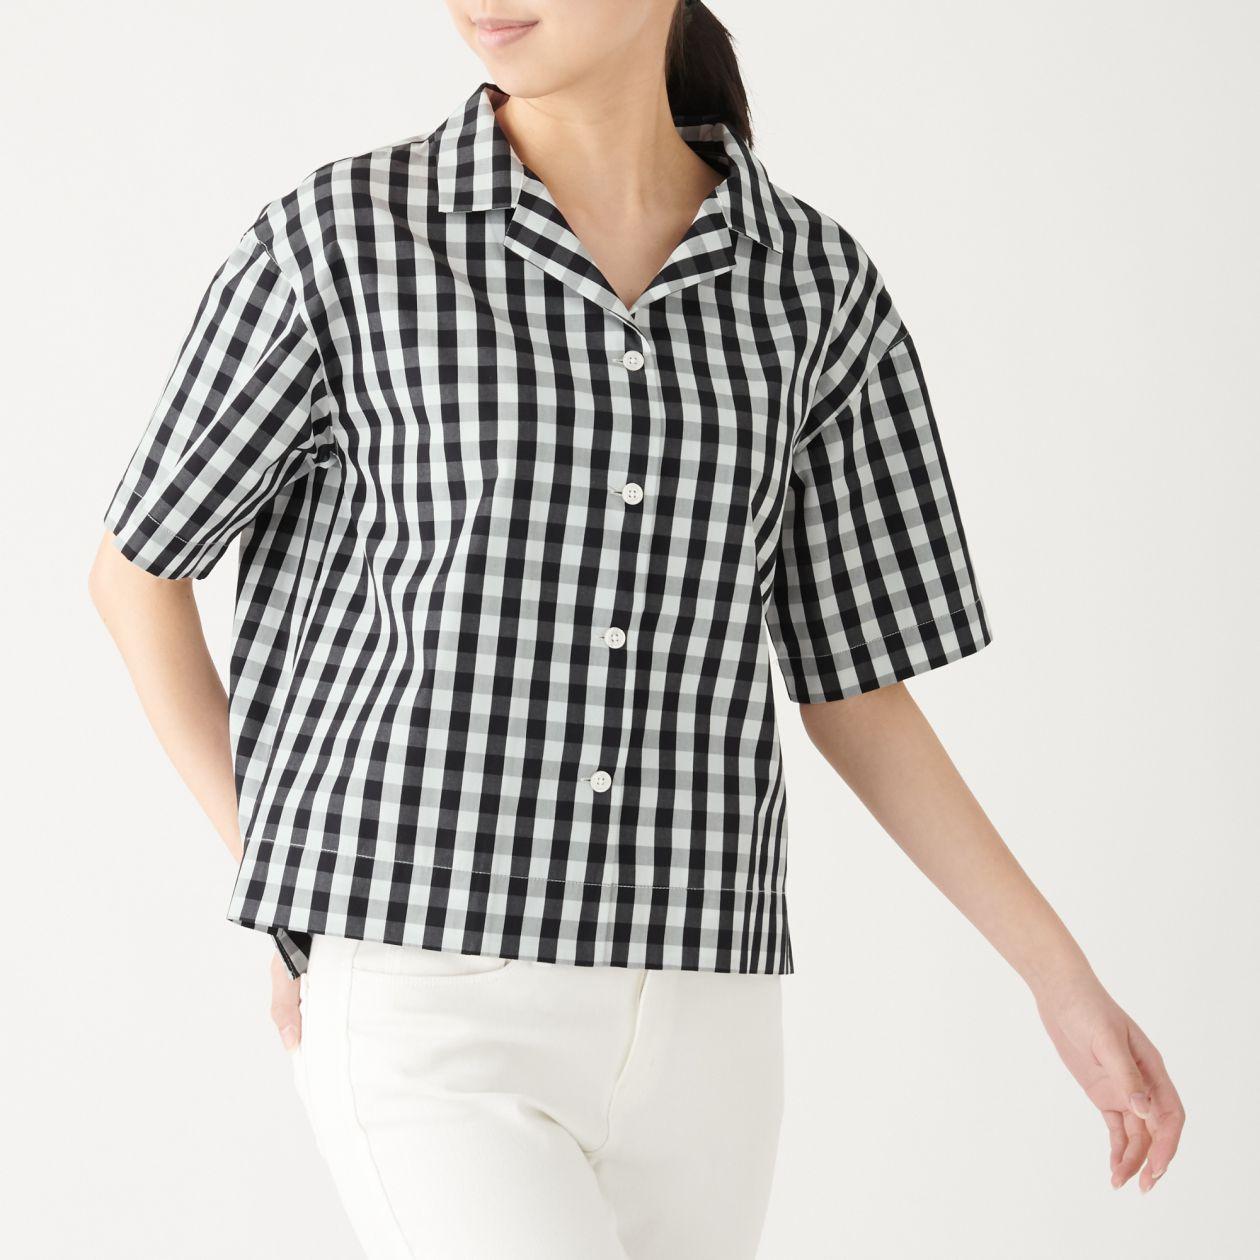 新疆綿ブロードギンガムチェック半袖開襟シャツ